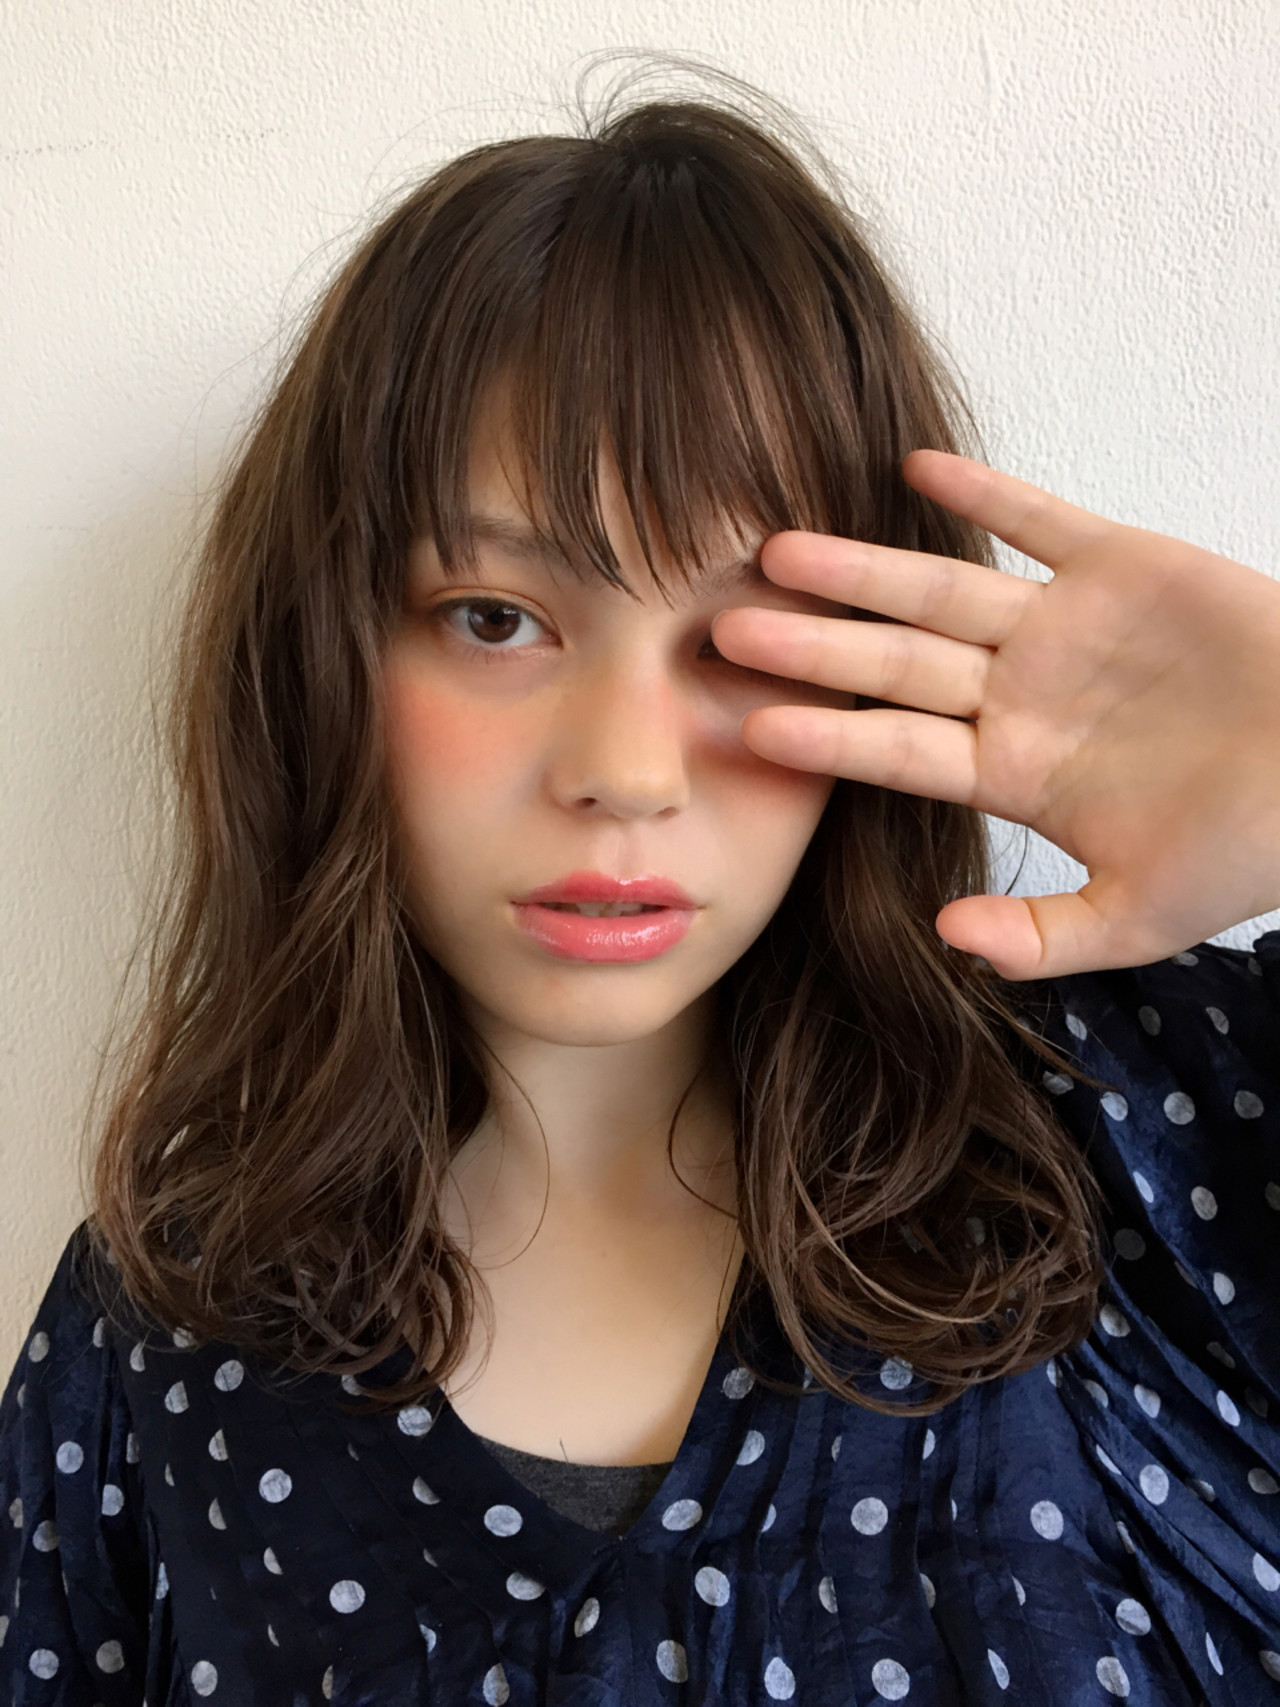 揺れる毛先に惚れ惚れ♡肩上パーマでどストライクの髪型を目指せ。 吉山太智 / HEART